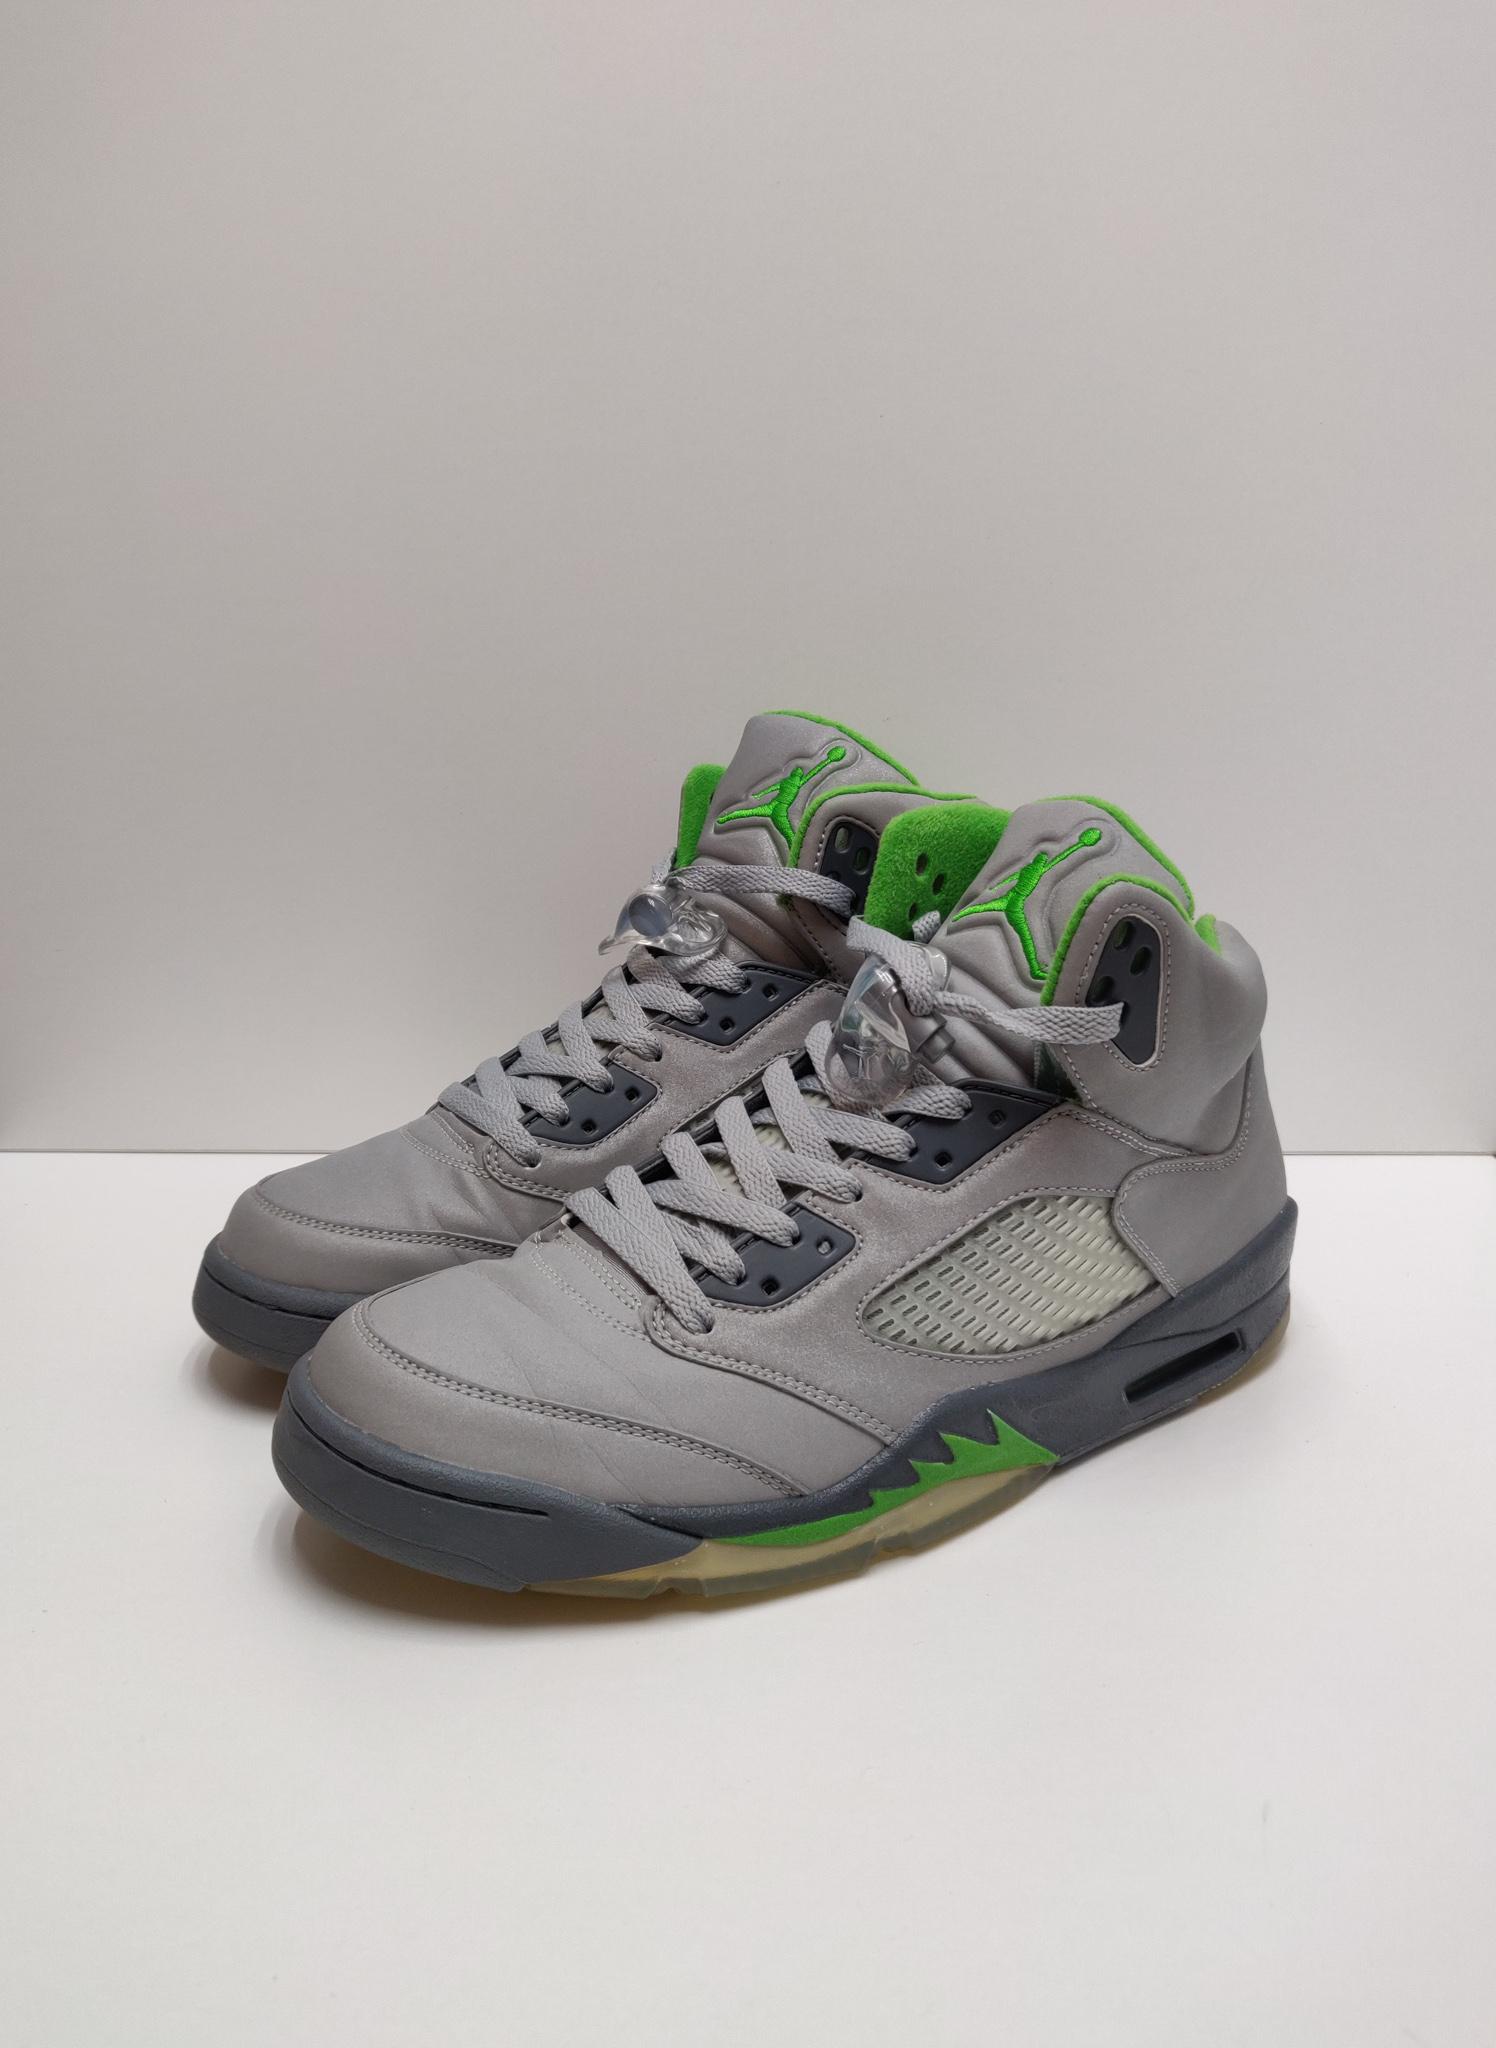 Jordan 5 Retro Green Bean